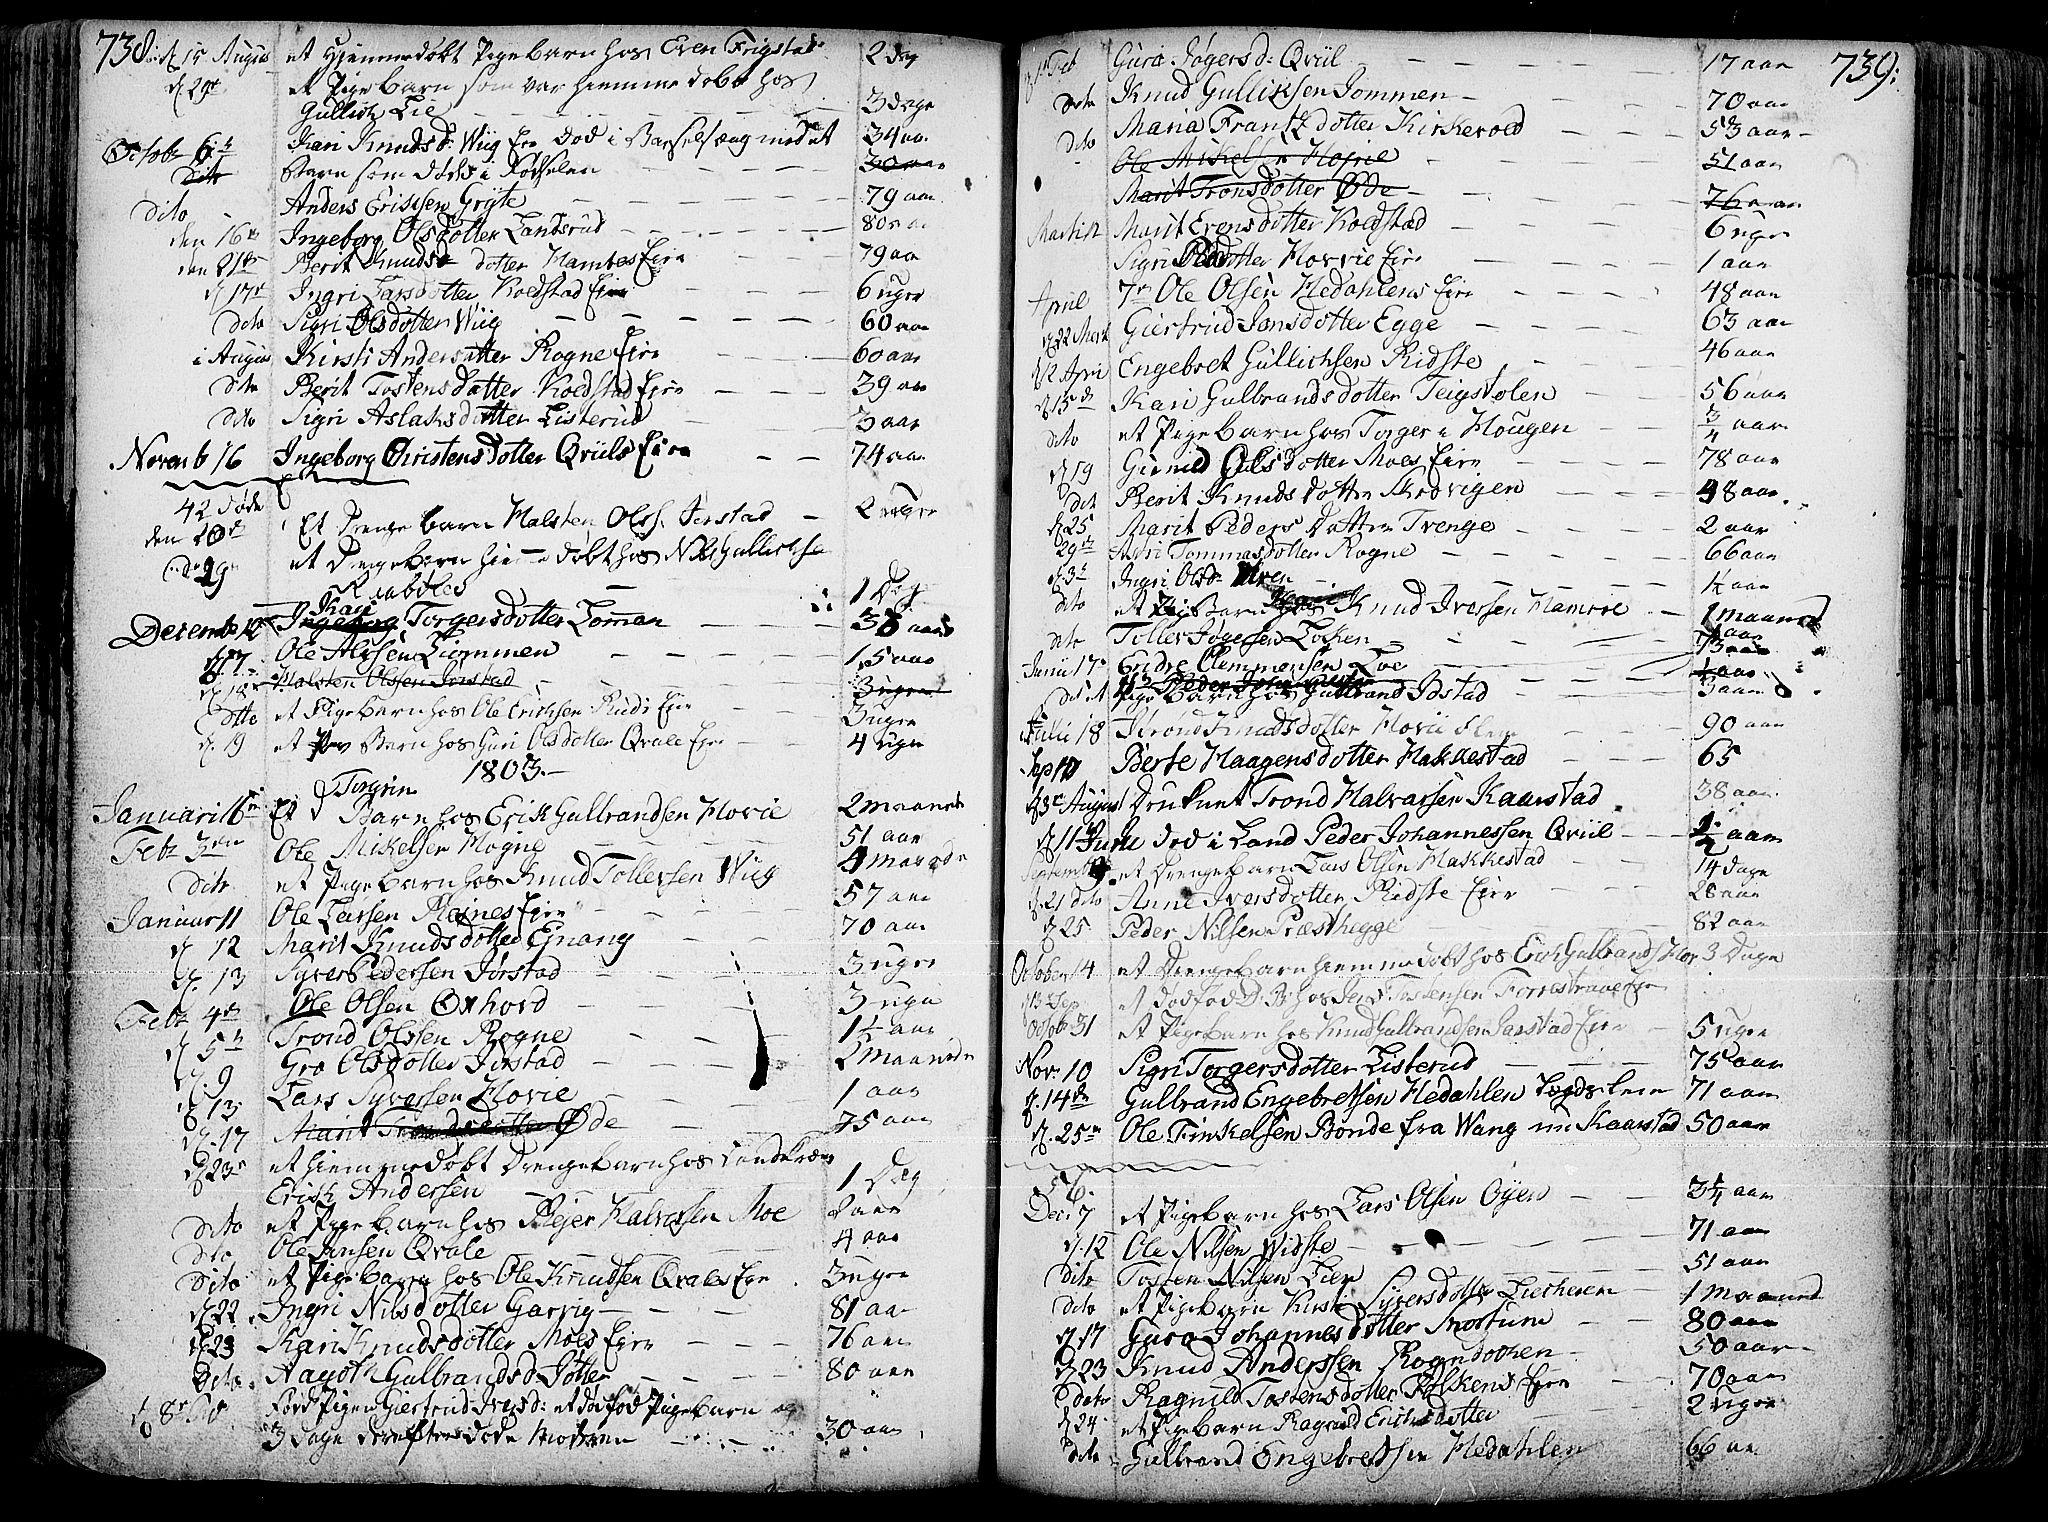 SAH, Slidre prestekontor, Ministerialbok nr. 1, 1724-1814, s. 738-739